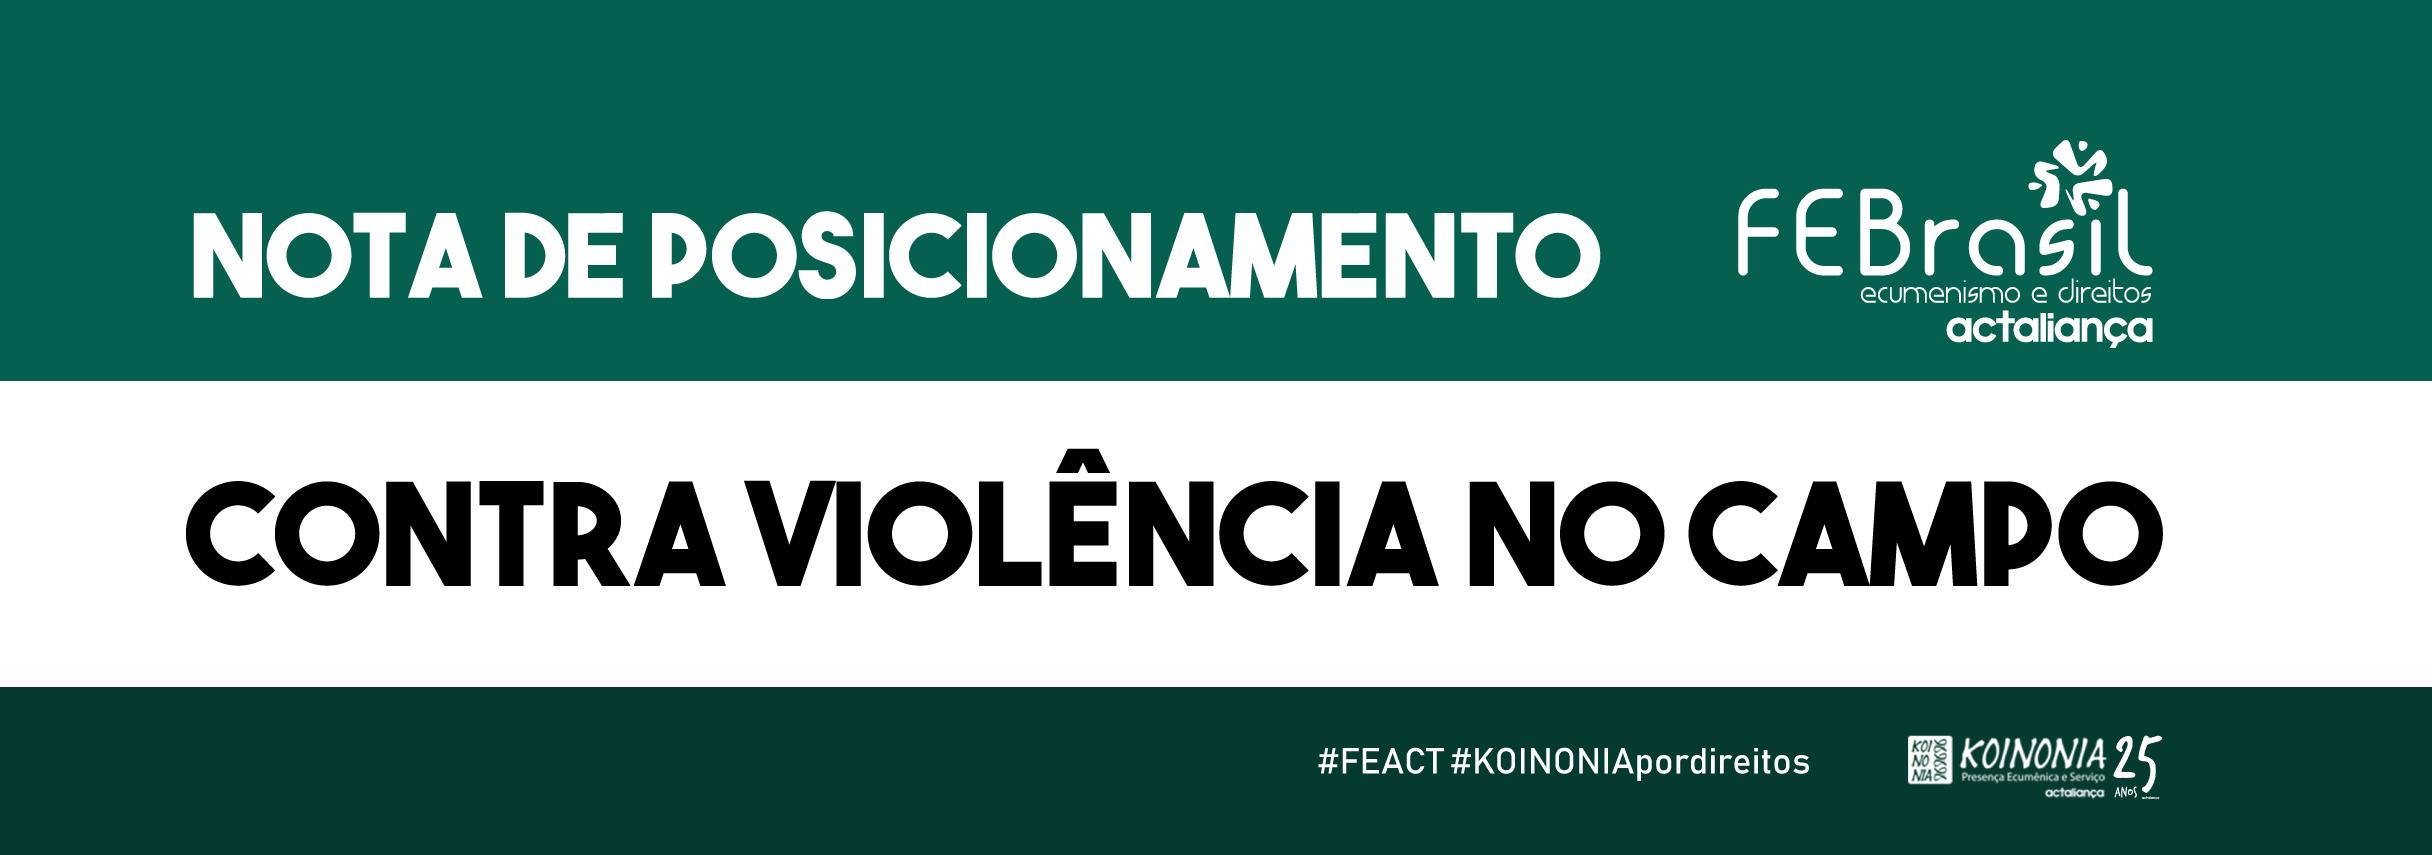 Fórum Ecumênico ACT Brasil e outras entidades divulgam nota contra violência no campo